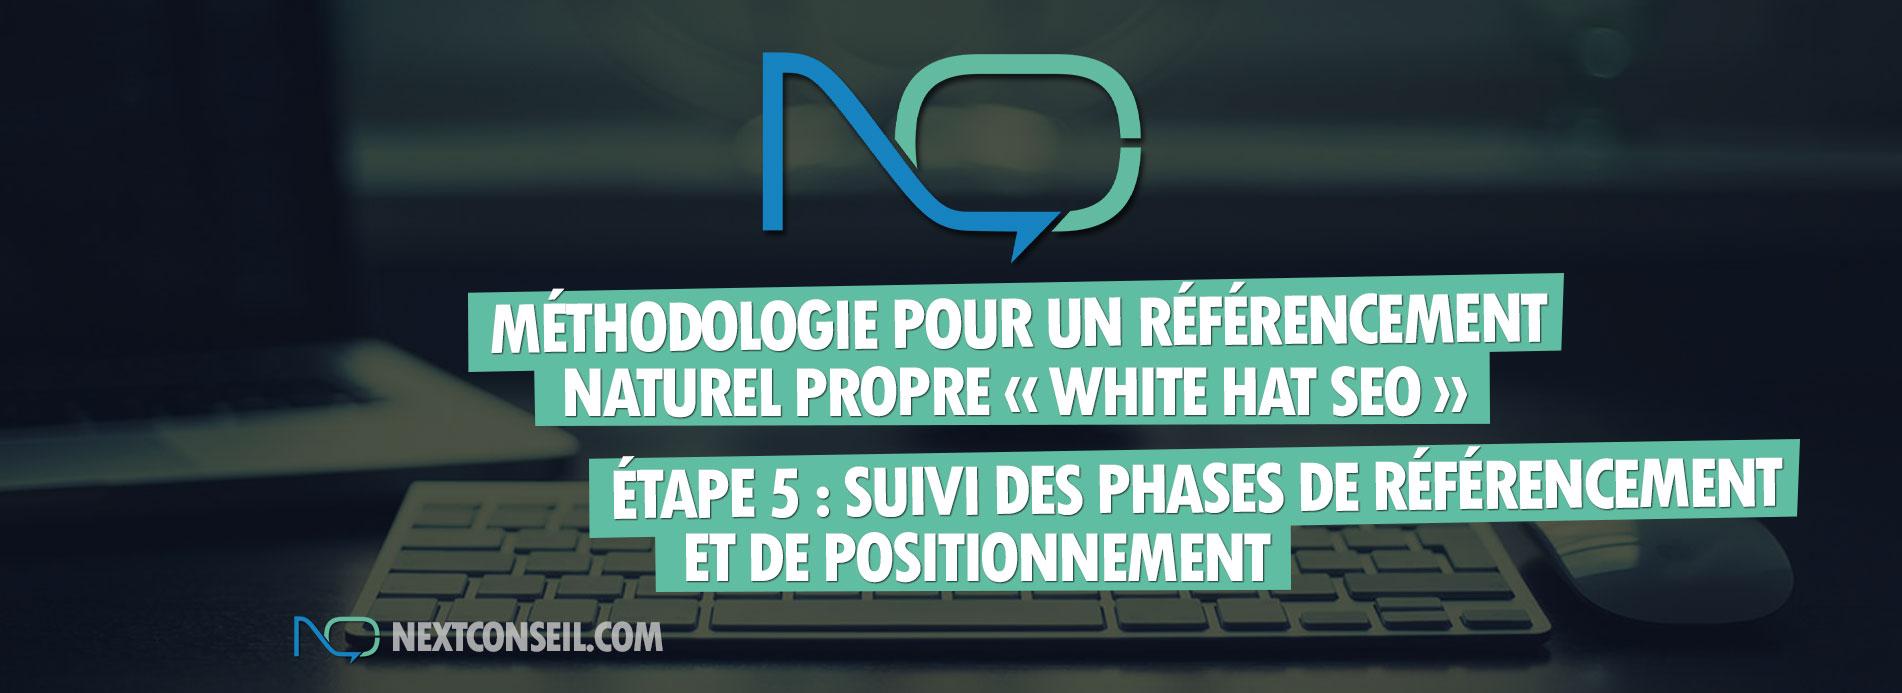 Méthodologie pour un référencement naturel white hat seo - Etape 5